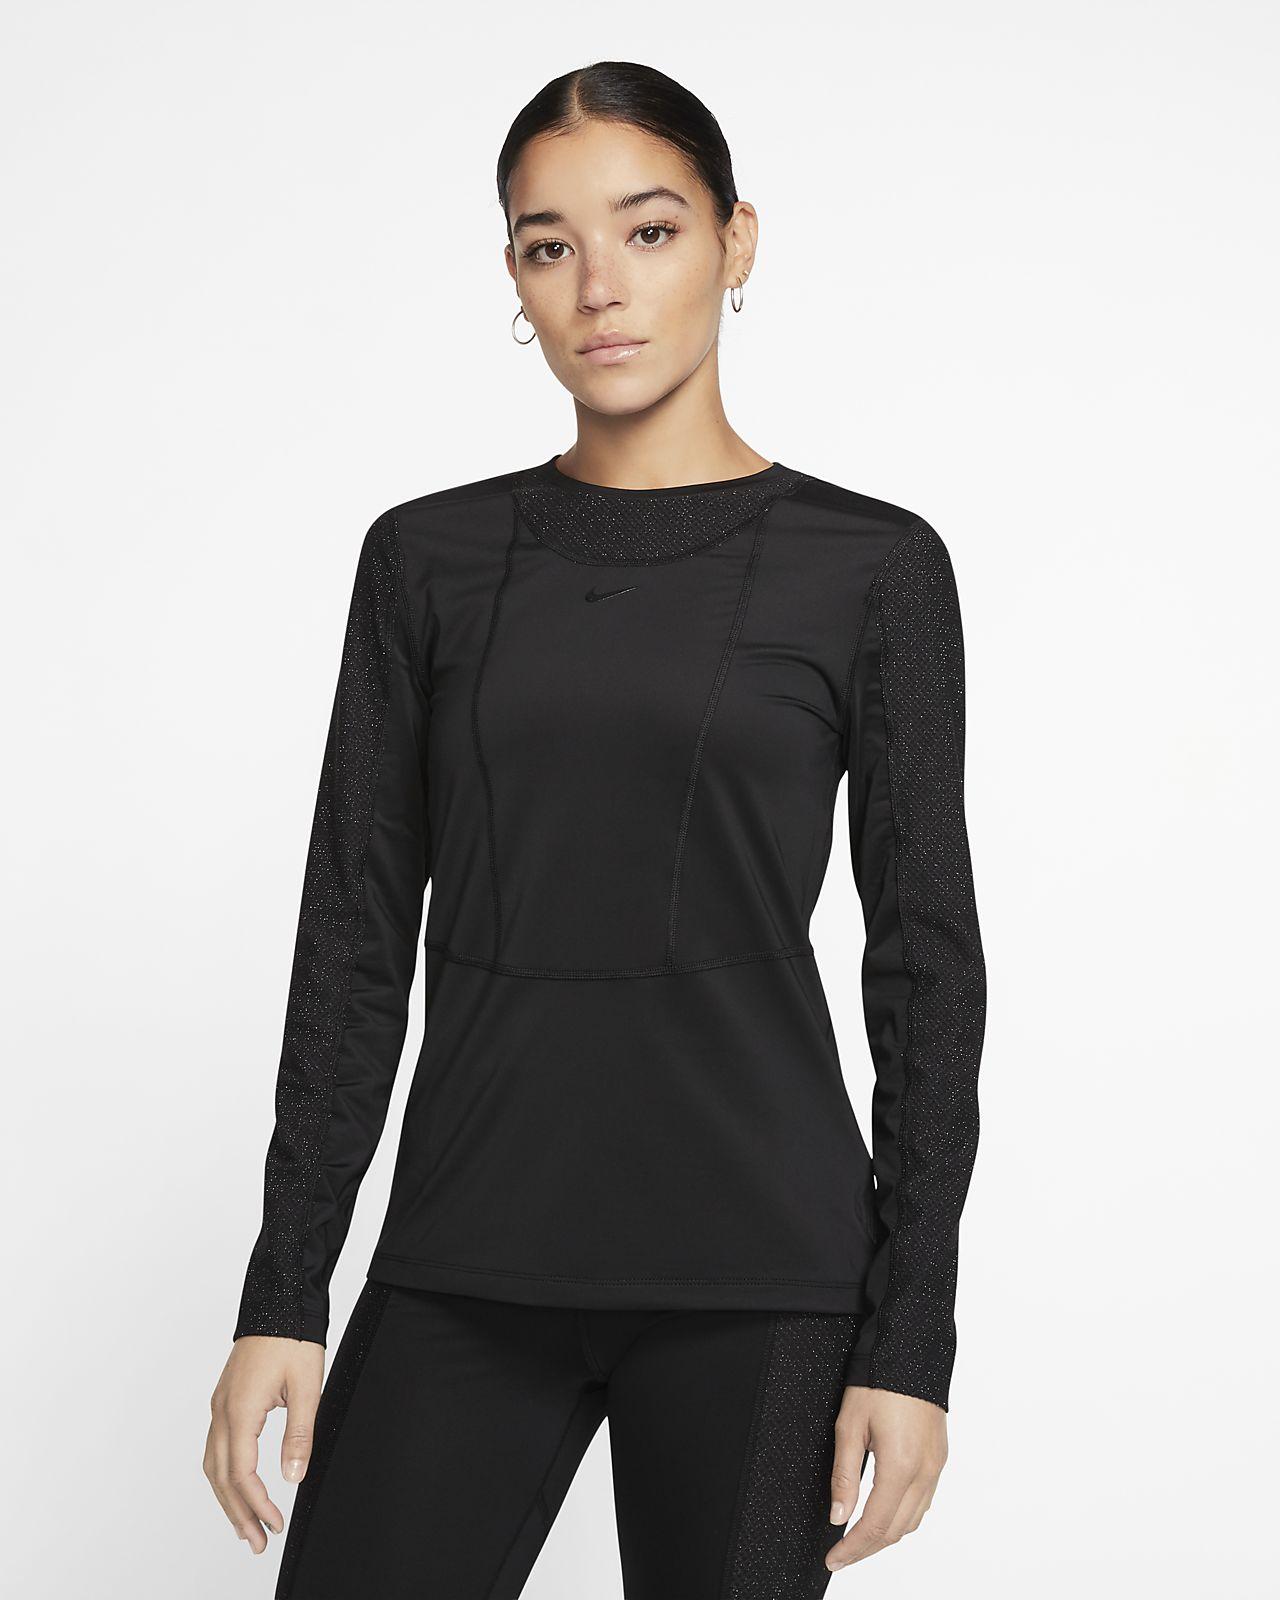 Γυναικεία μακρυμάνικη μπλούζα Nike Pro Warm